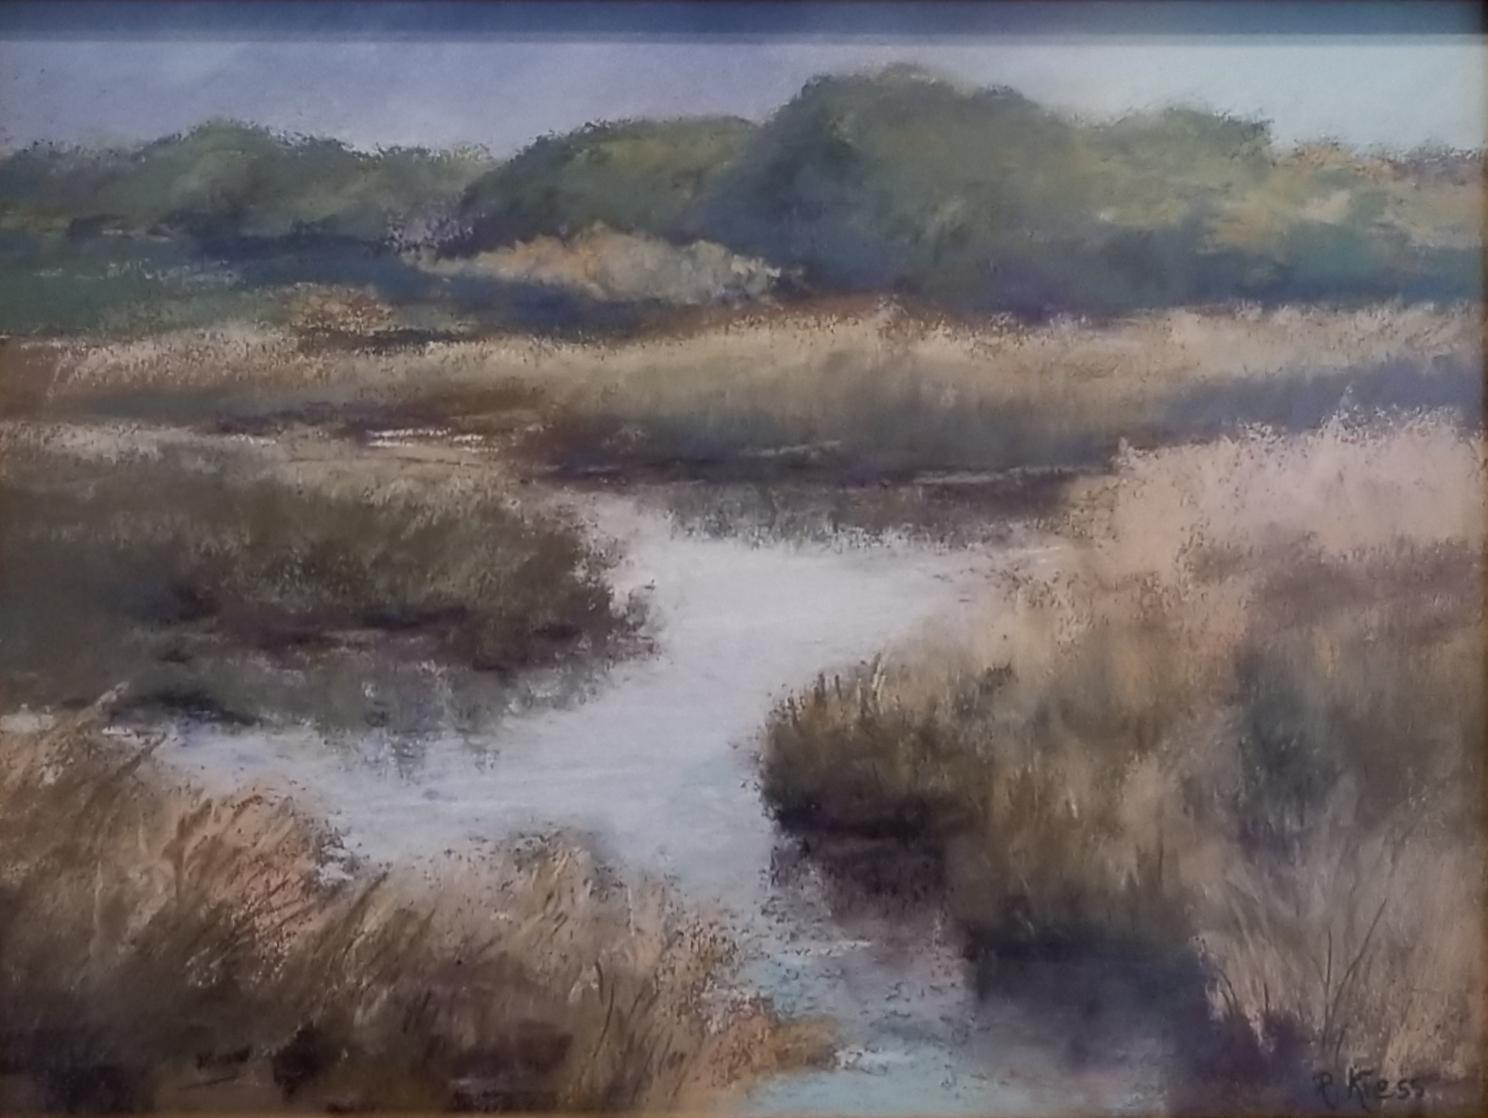 Still Waters, Roswitha Kress, 17 x 21, pastel on board, $400